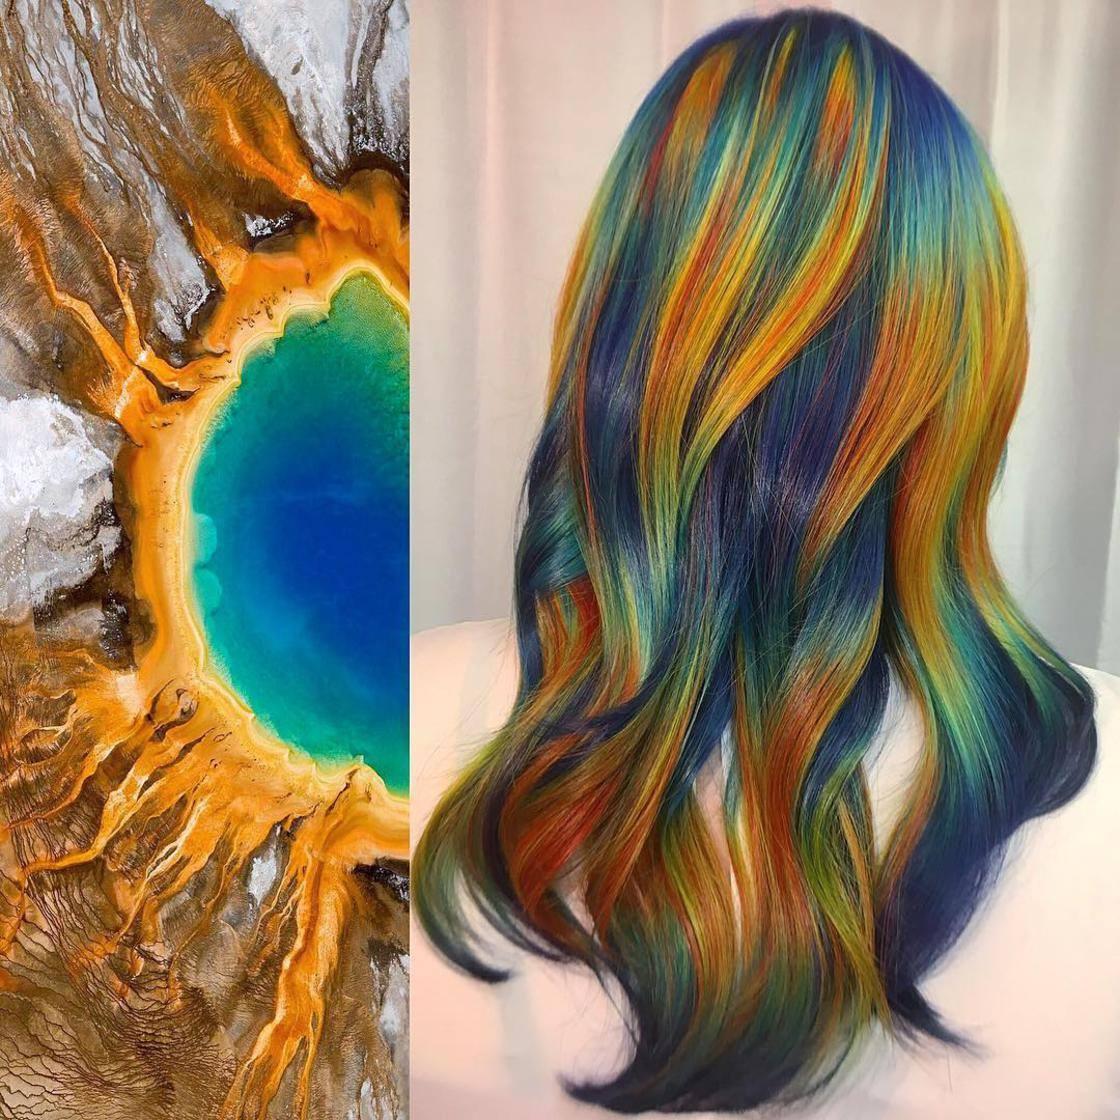 Artista se inspira em imagens fantásticas para mudar a cor do cabelo 9